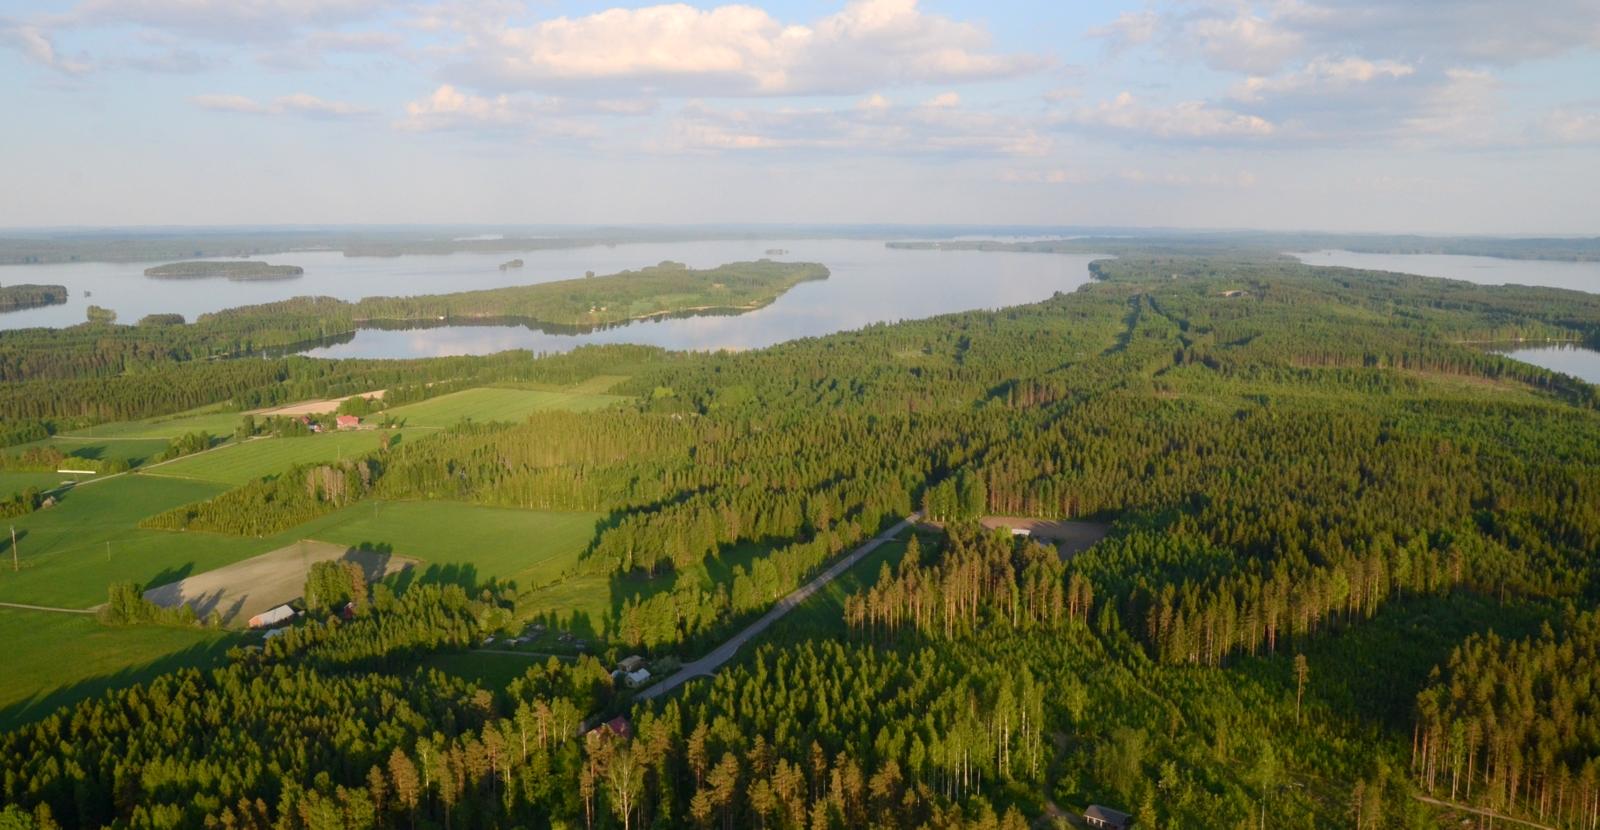 Loppukevennykseksi muutama kuva kevään lennoista. Tässä Närhilän kylä Vesannolla. Neiturin kanava tuolla kannaksessa